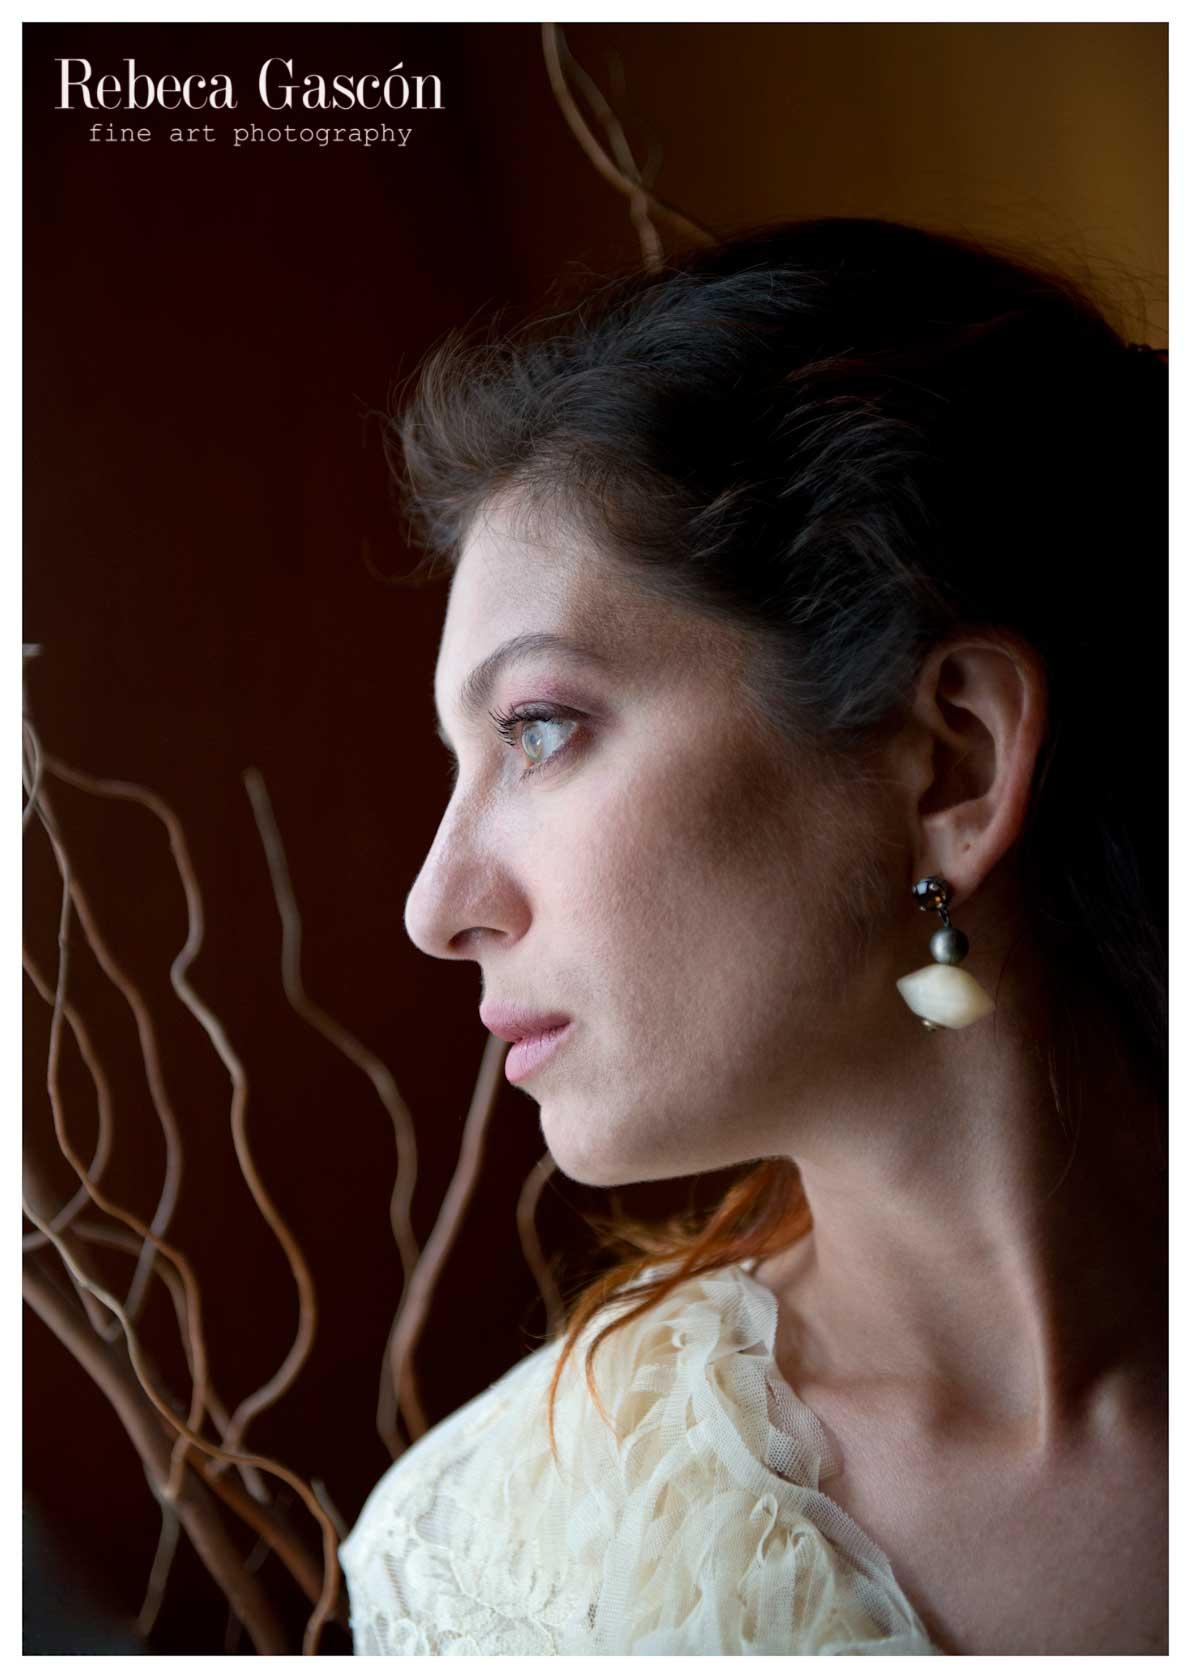 rebeca-gascon-fotografia-moda